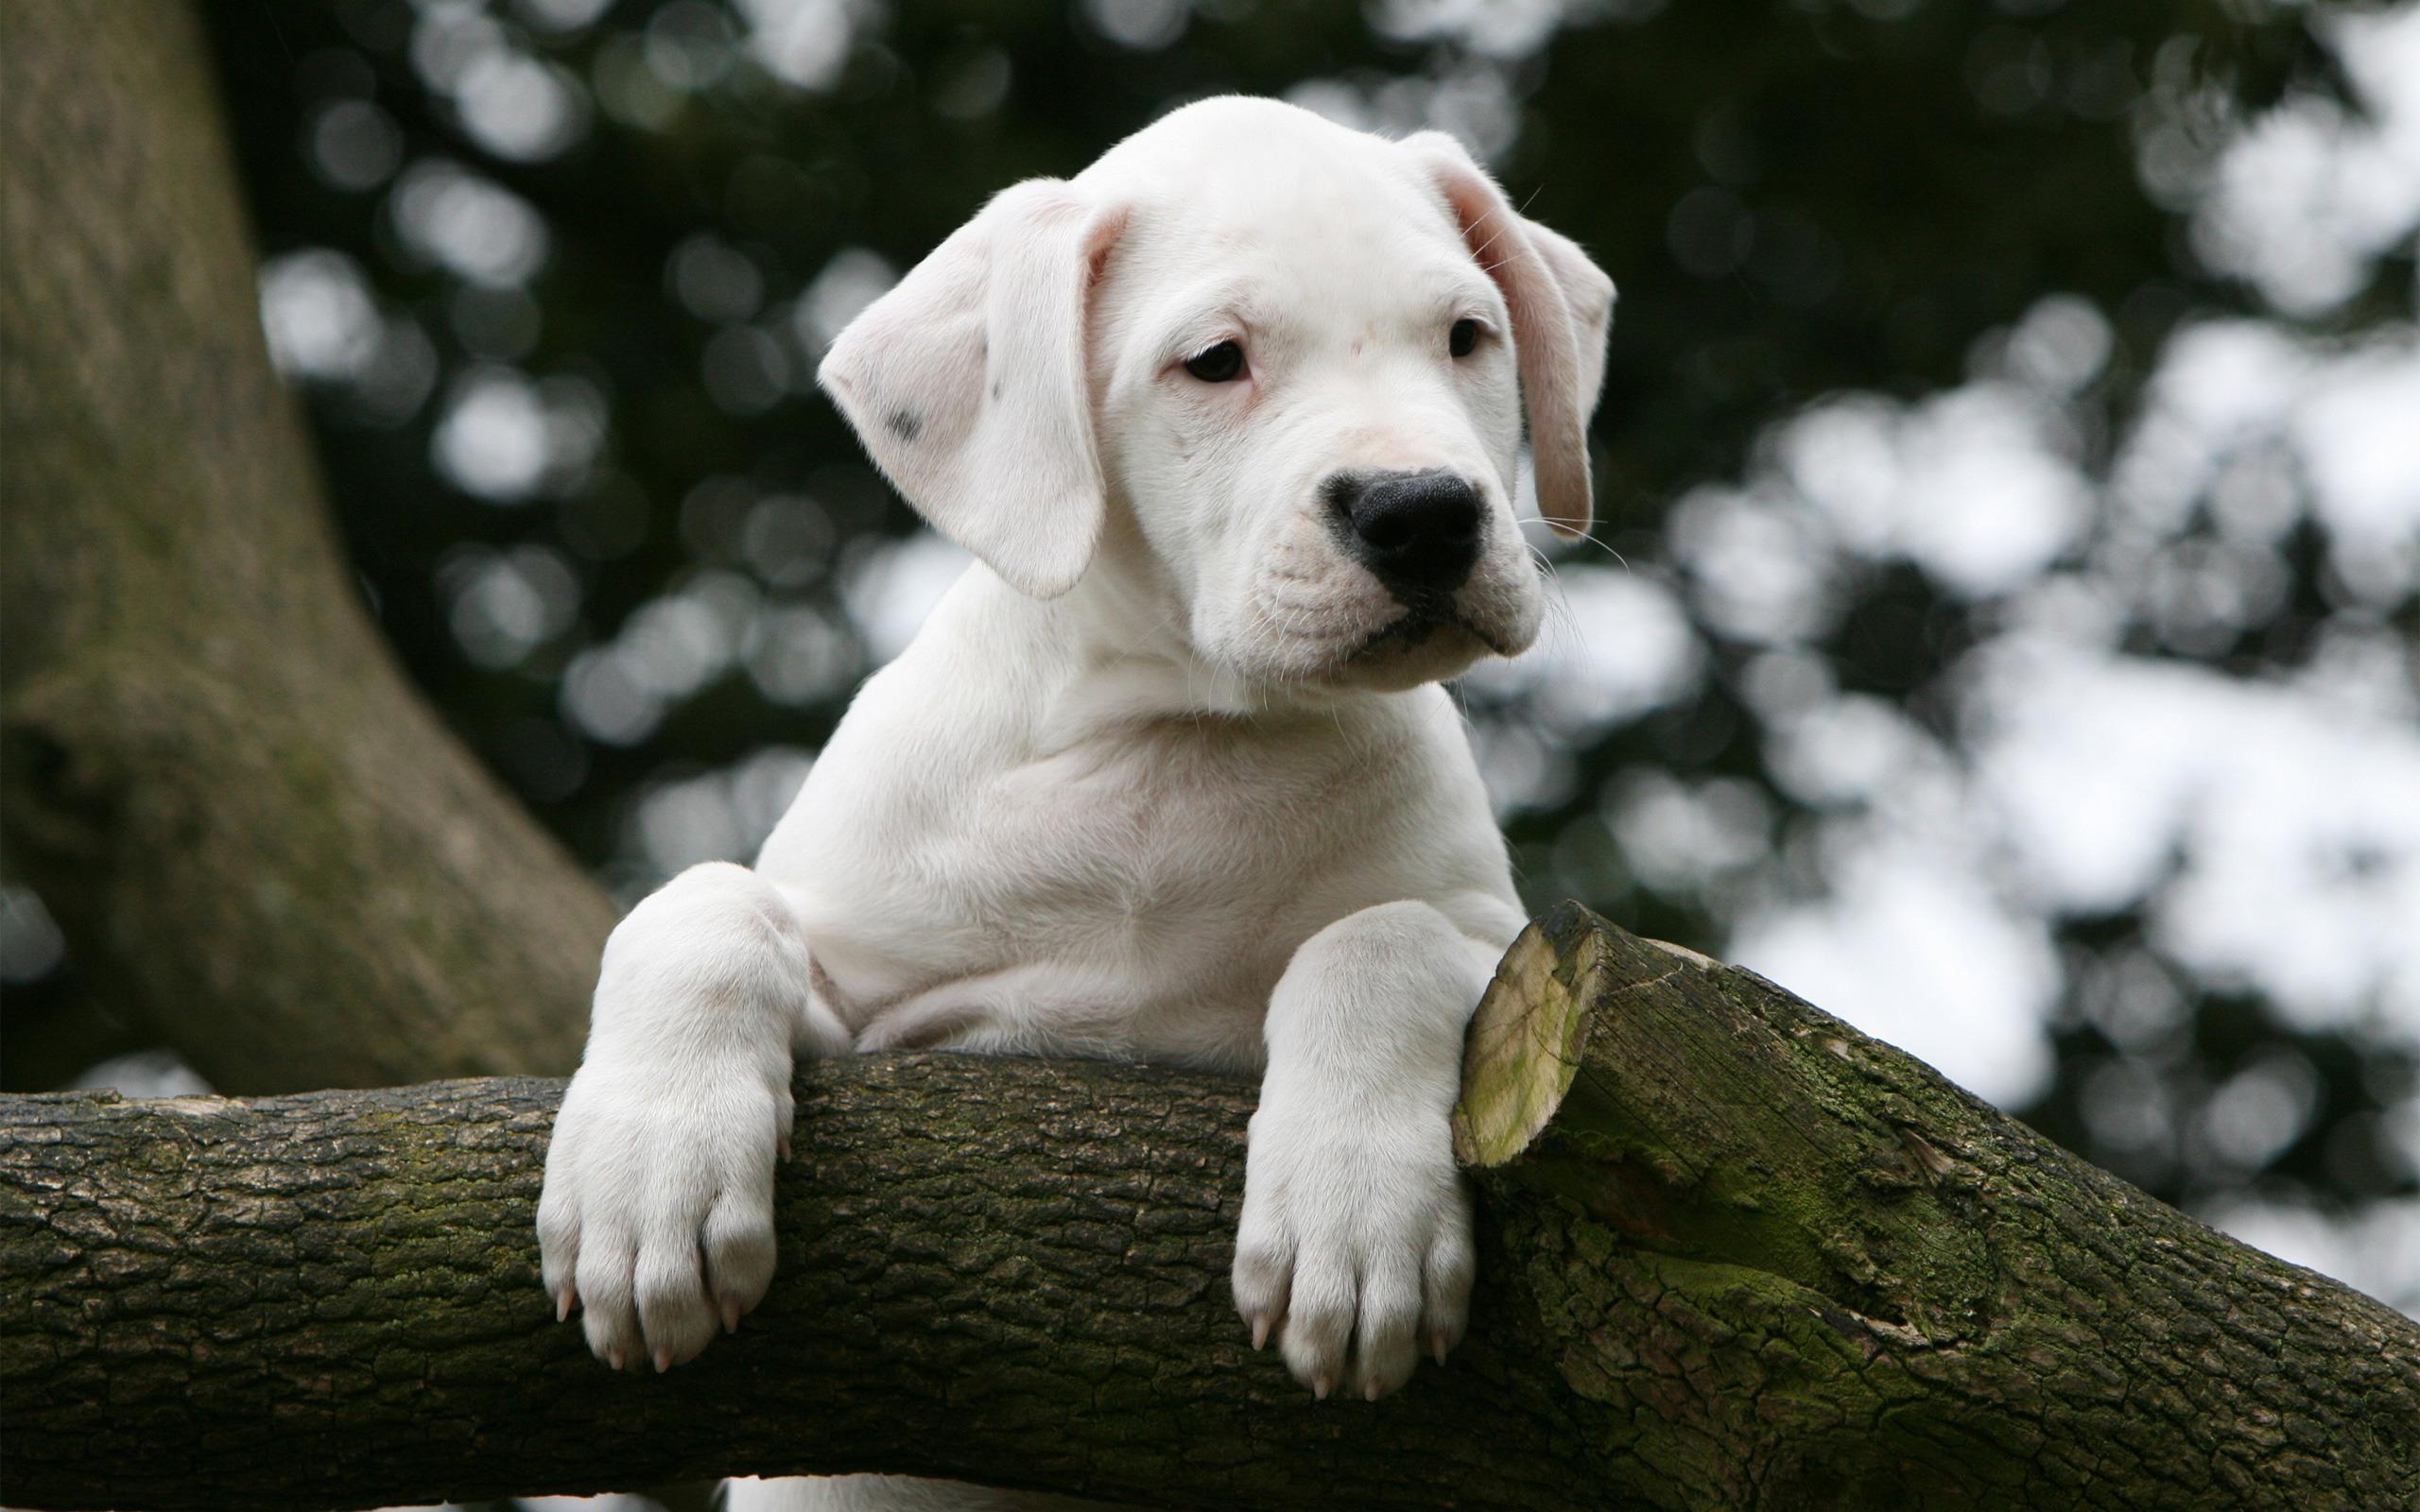 Fondos de pantalla de cachorros tiernos imagenes de perros for Fondos de pantalla de perritos